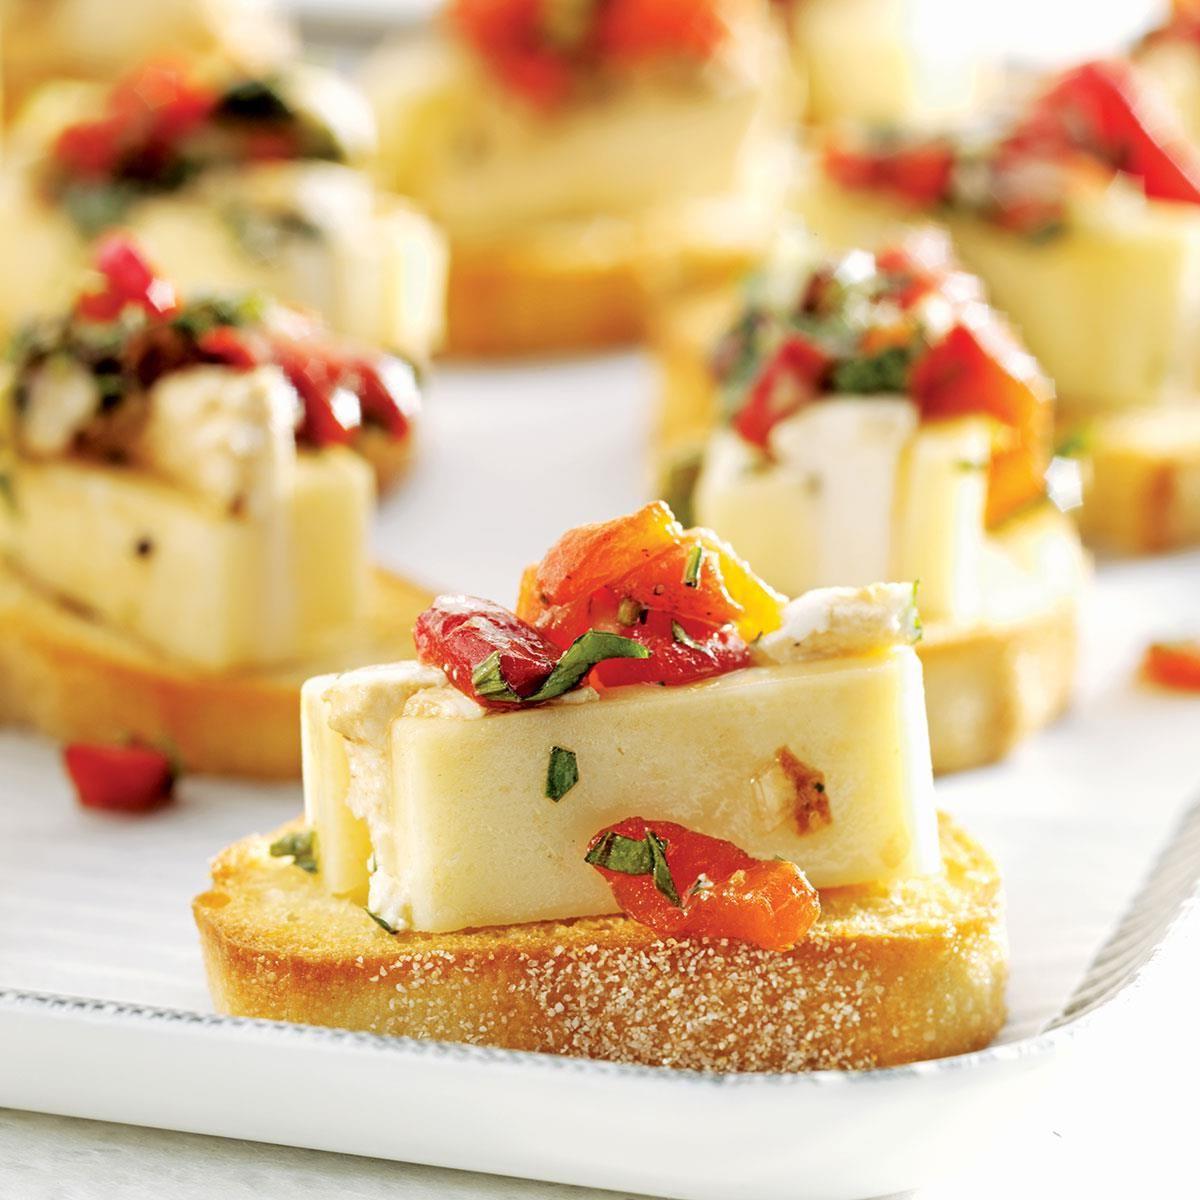 Craquelins au fromage mariné